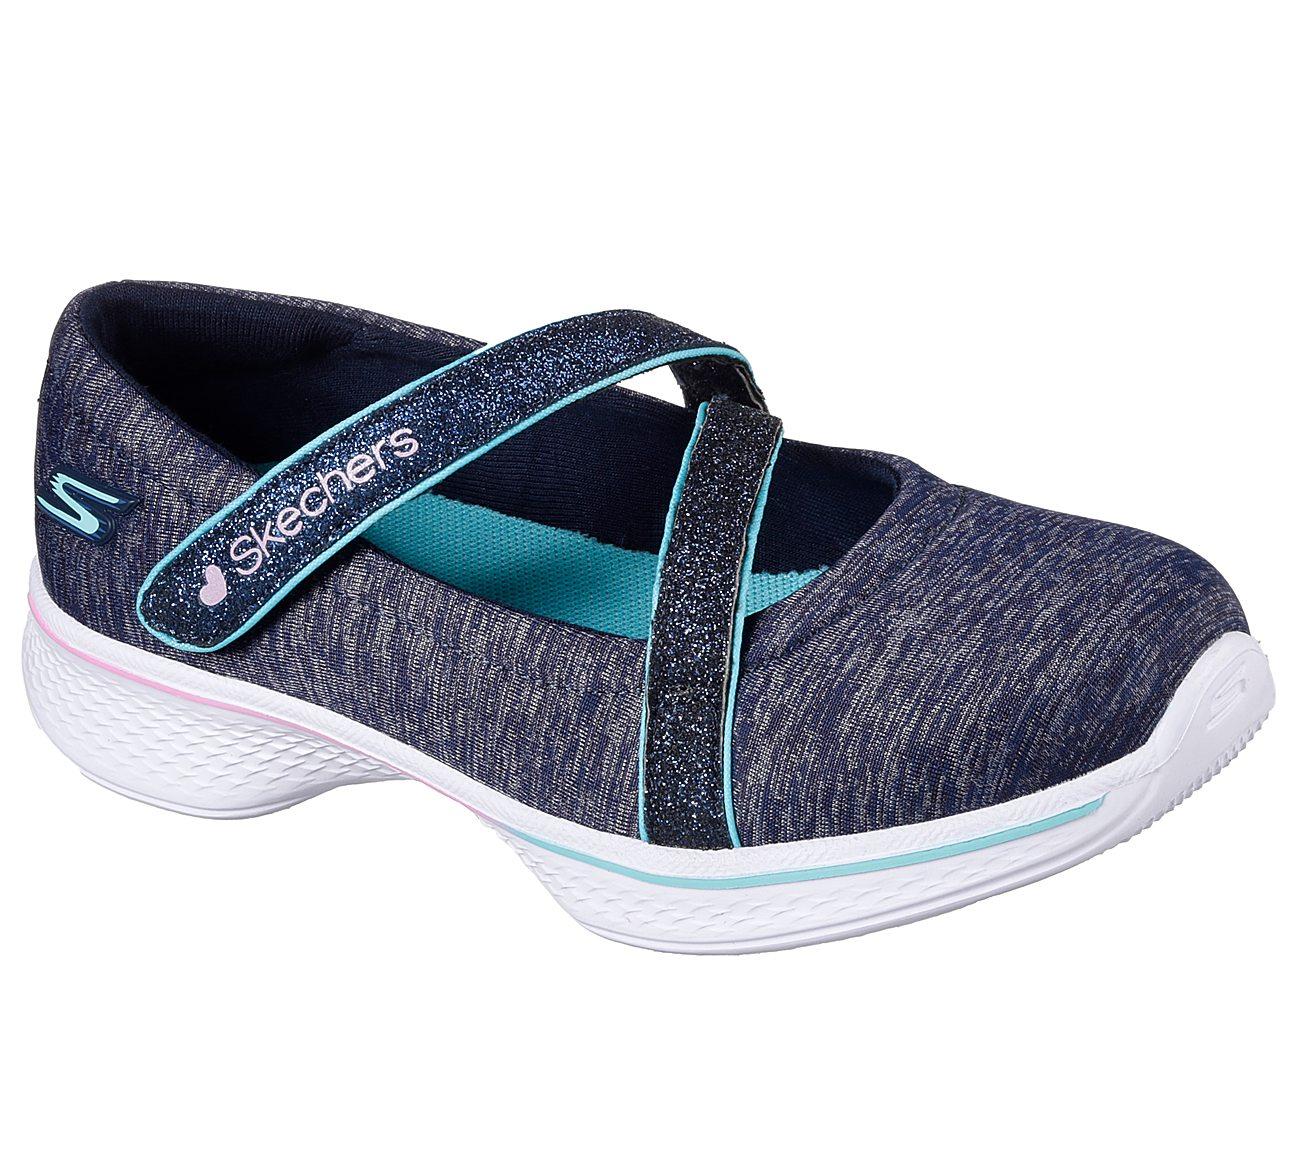 Skechers GOwalk 4 - Jersey Gems